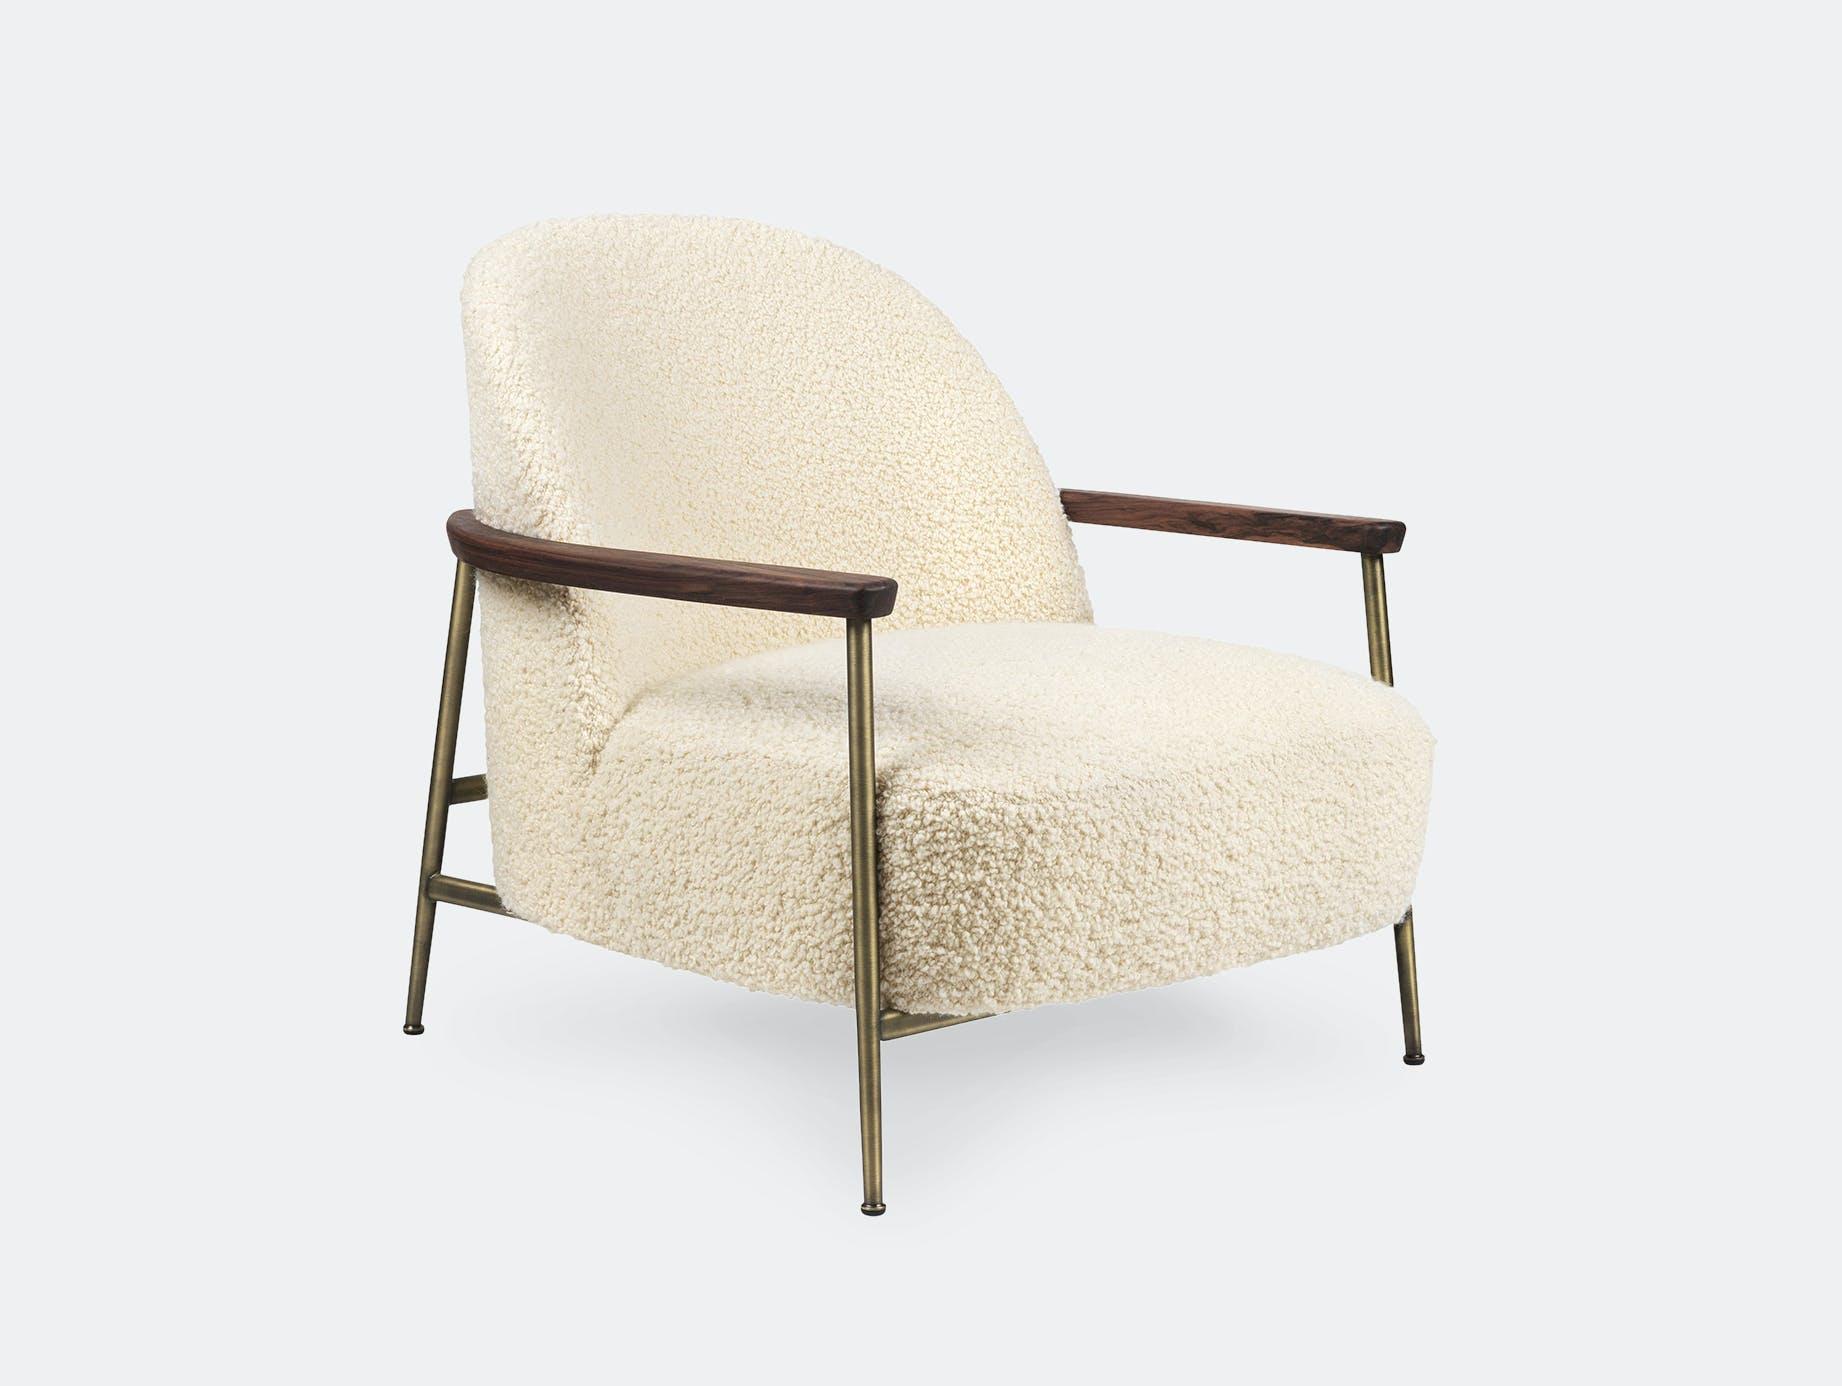 Gubi sejour lounge chair 2